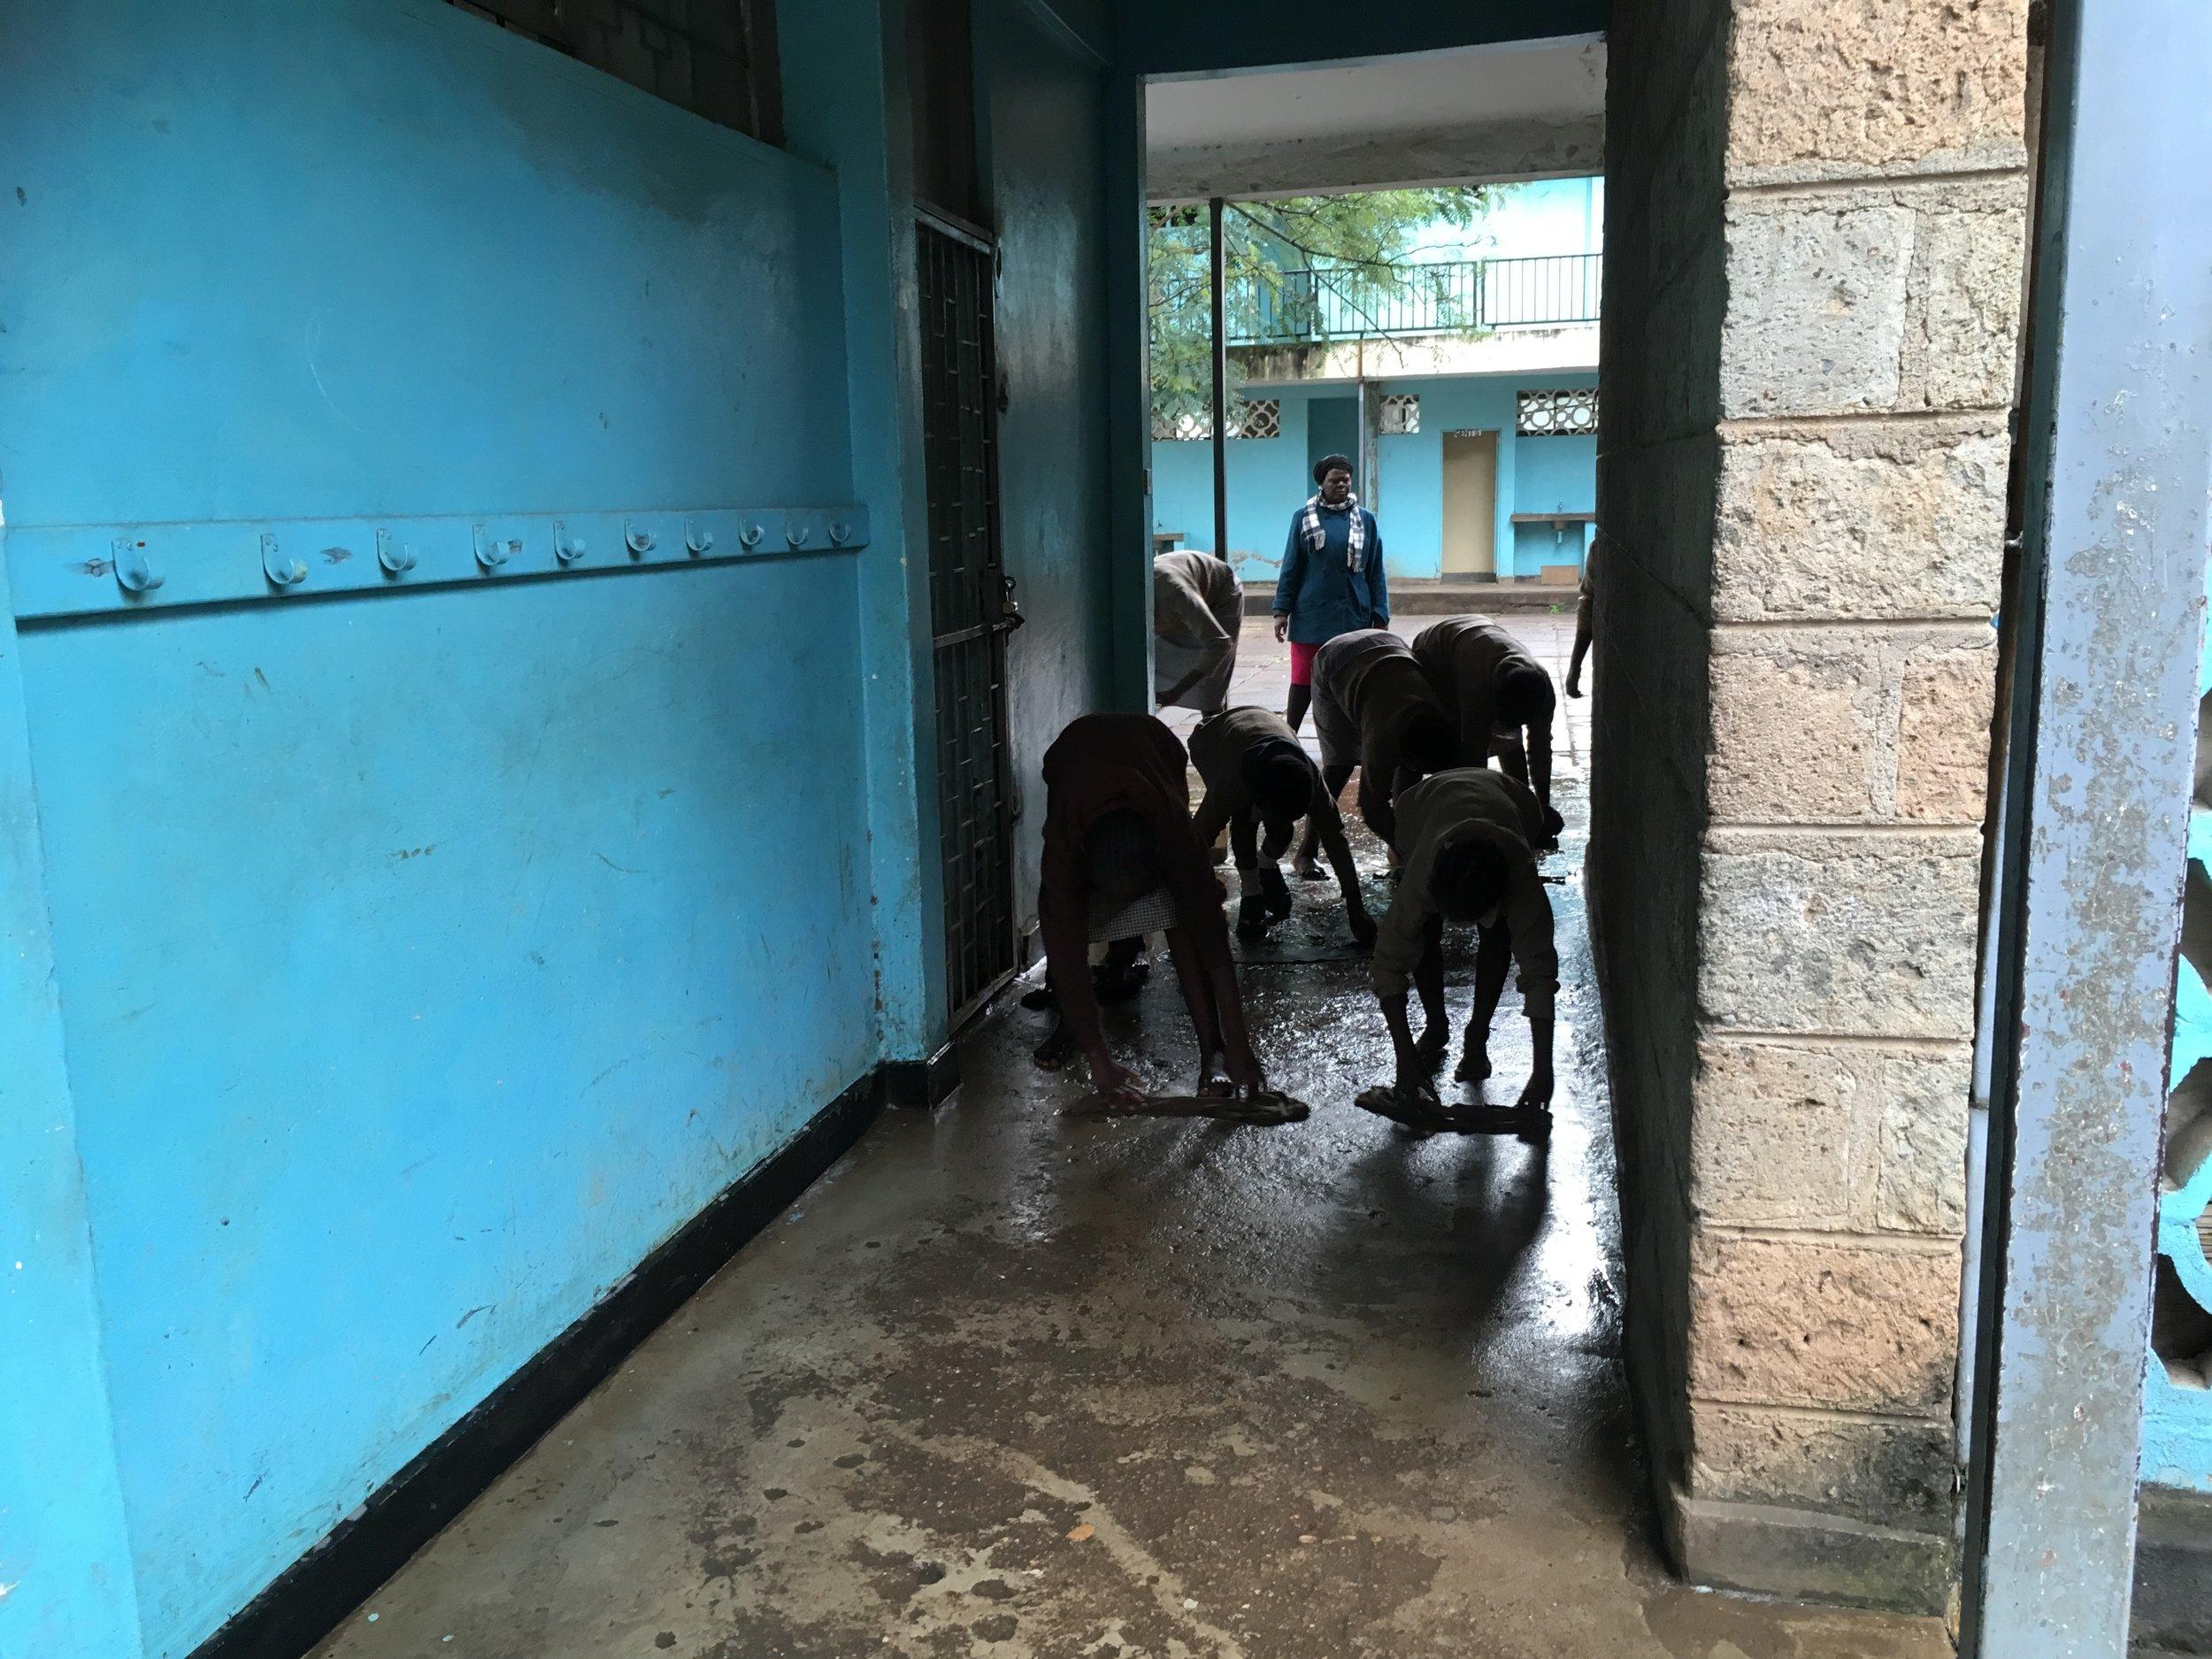 雨が降ると廊下が泥水にまみれるため、掃除する生徒たち。